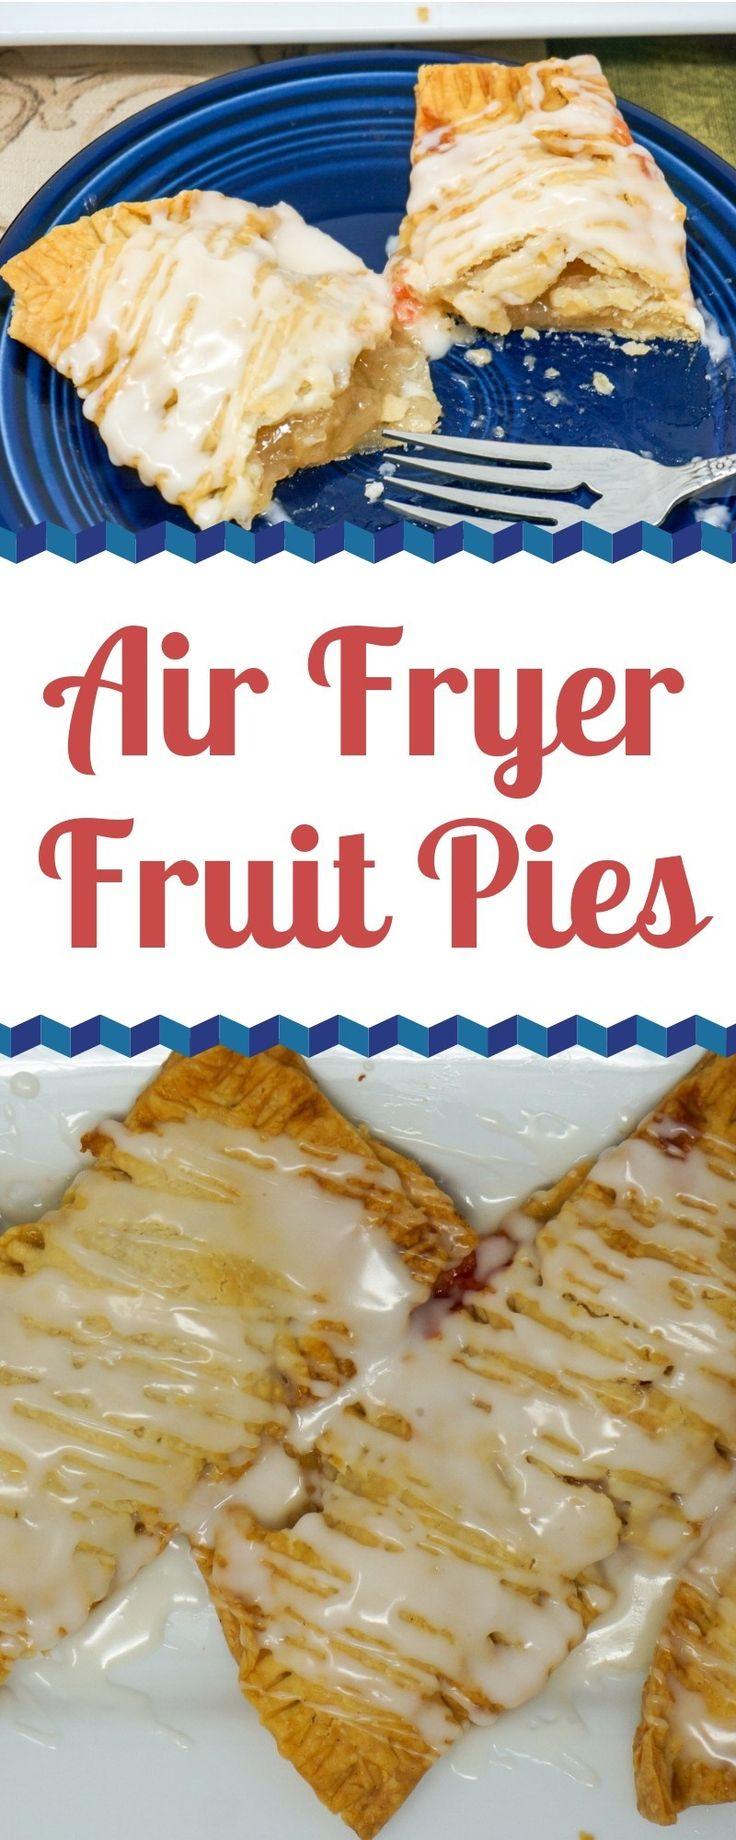 Air Fryer Fruit Pies – Klassische gebratene Torten, die in der Air Fry leichter und knuspriger gemacht werden …   – Air fryer recipes